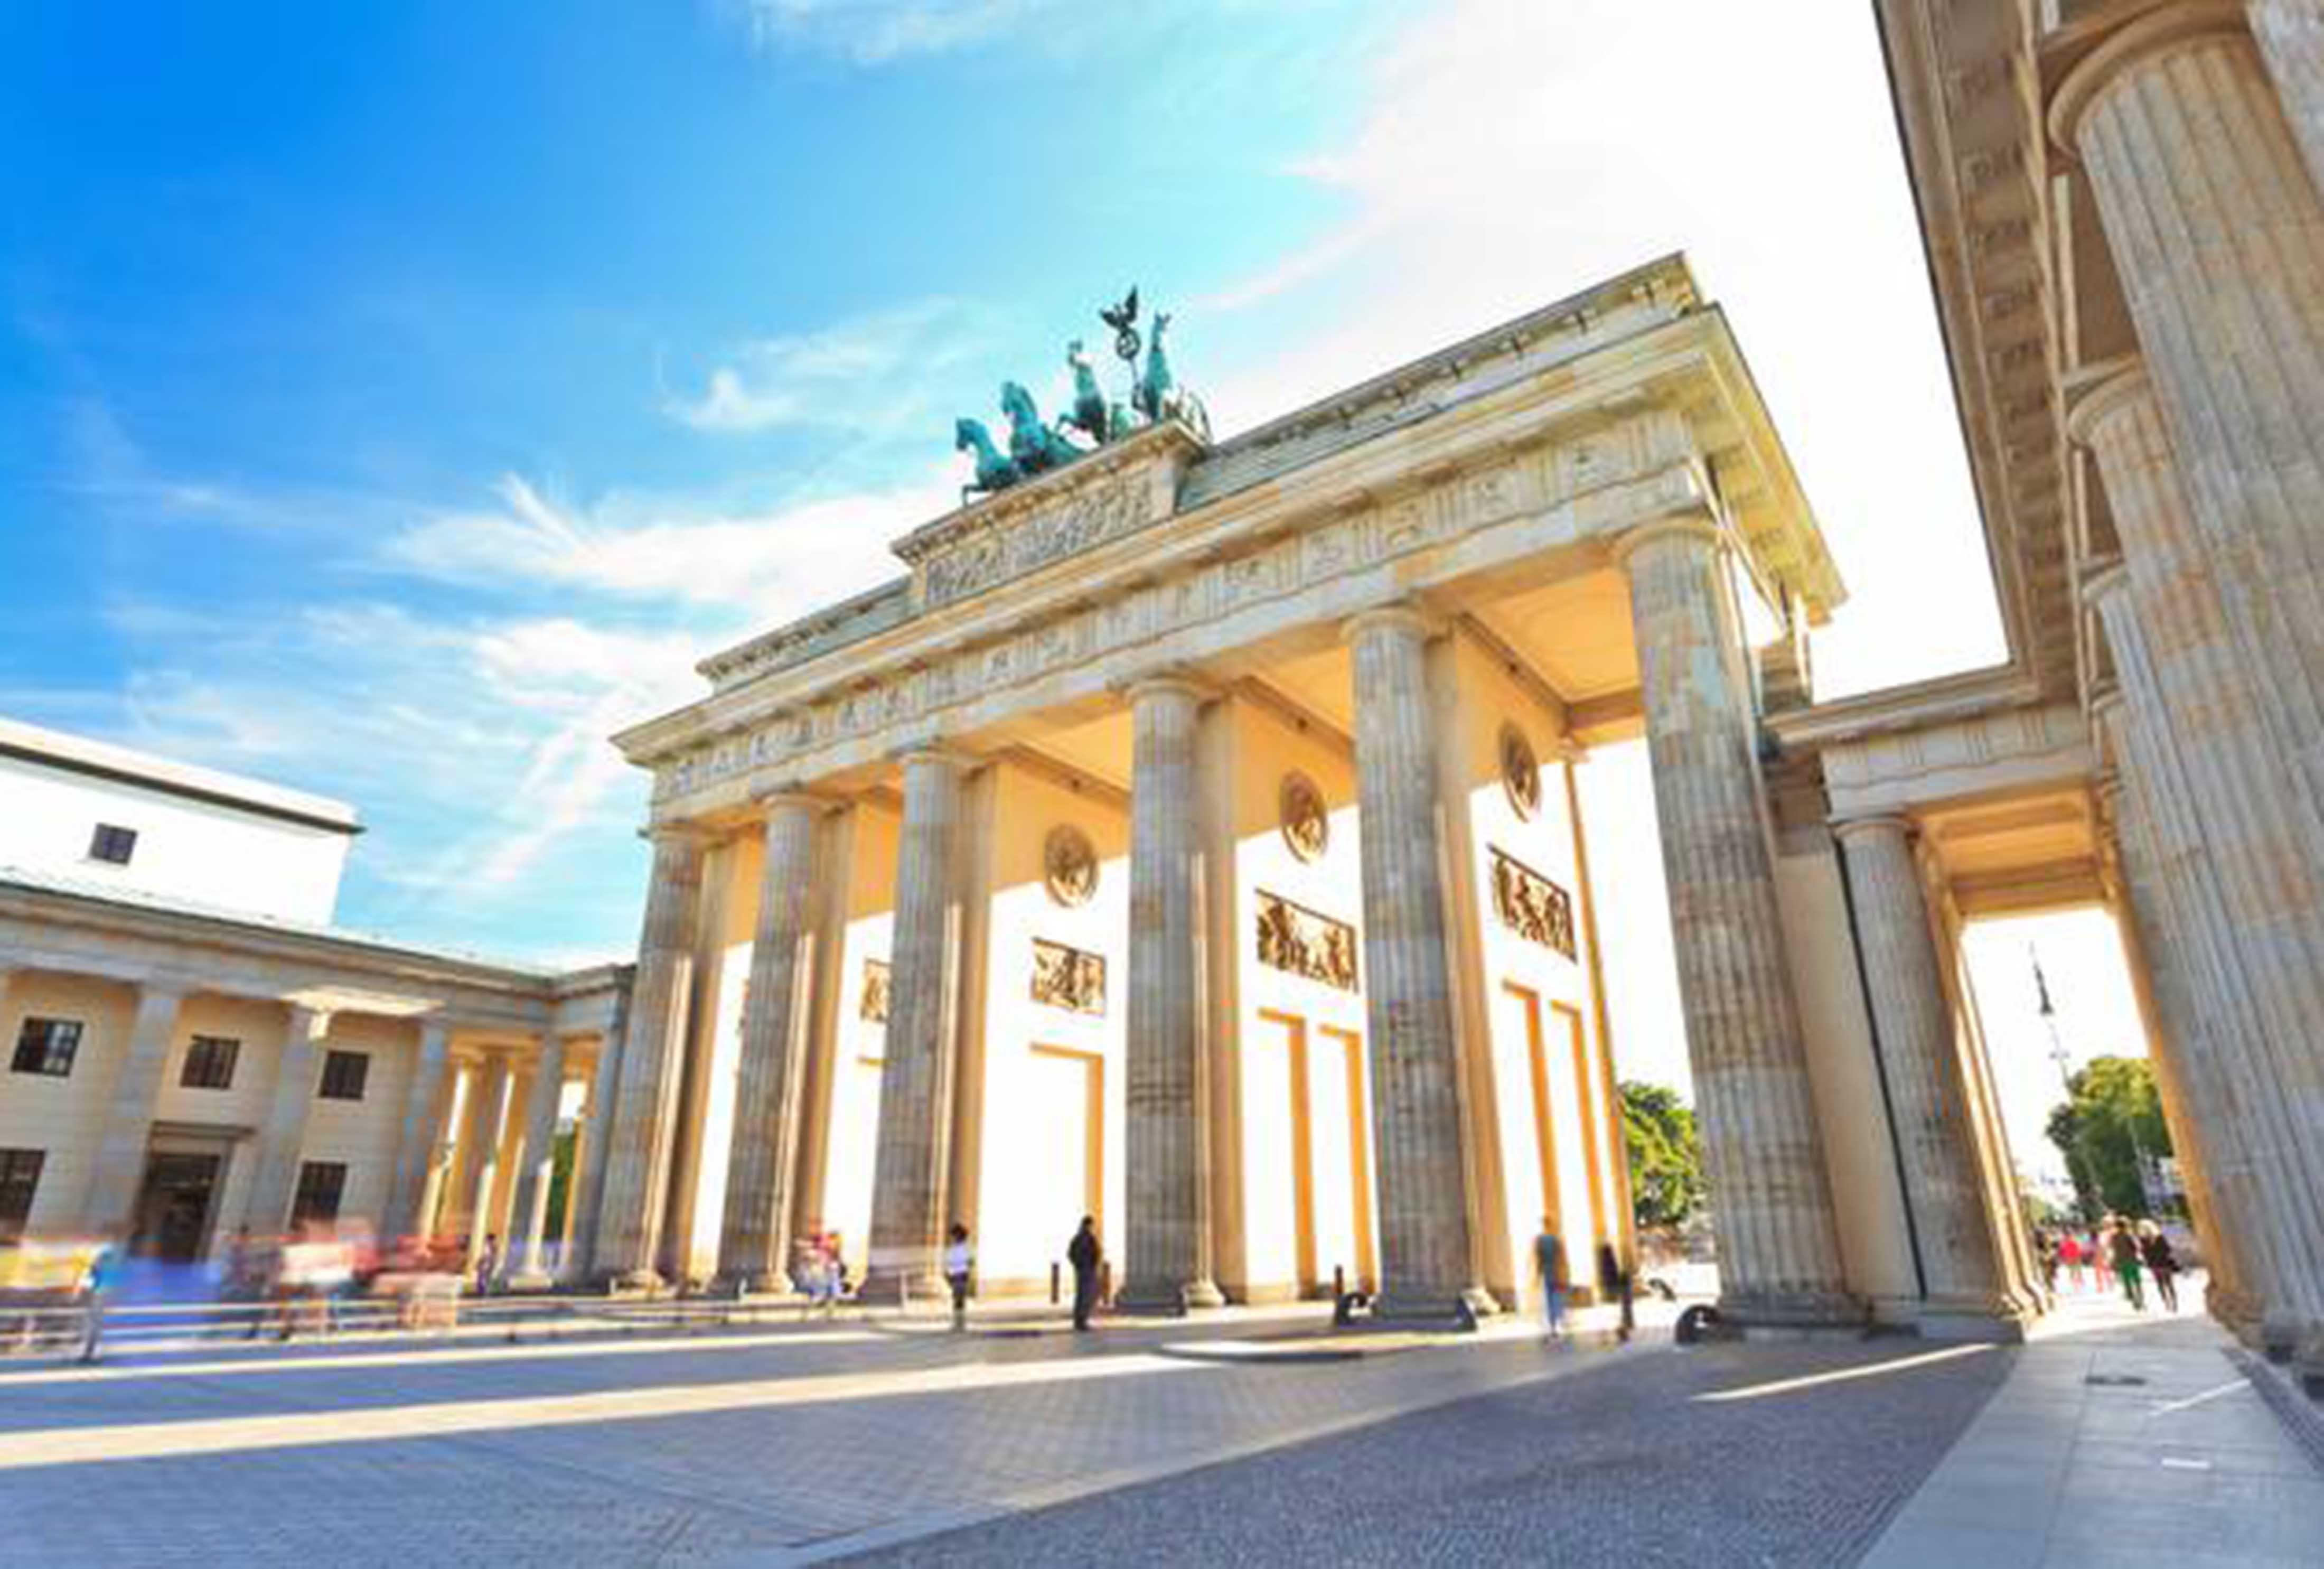 porta-di-brandeburgo-berlino